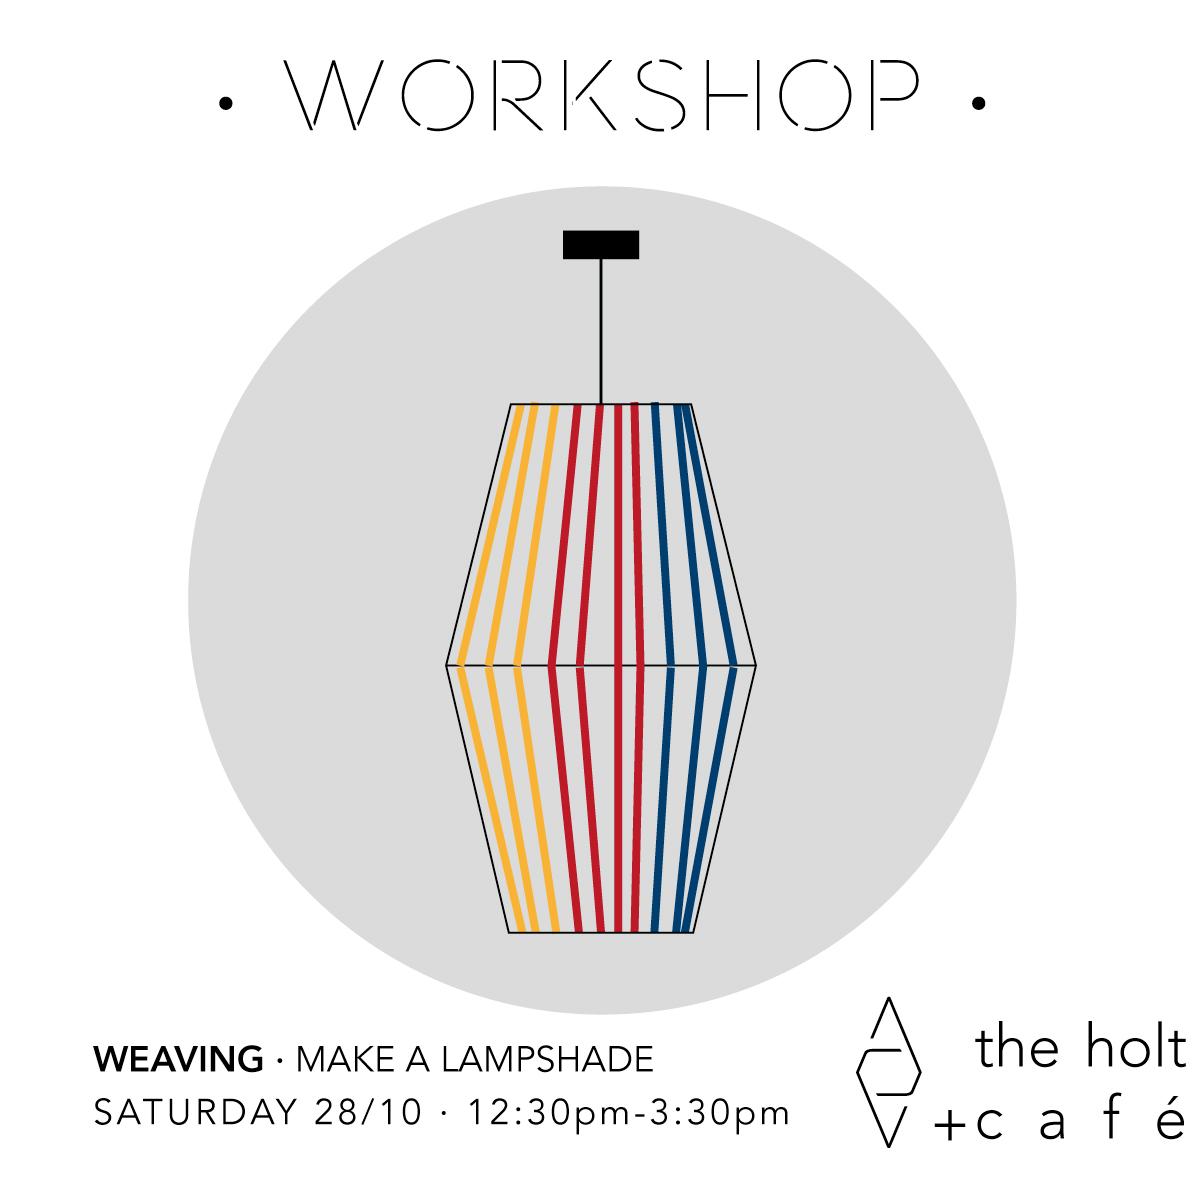 lampshade-workshop-promo1.jpg